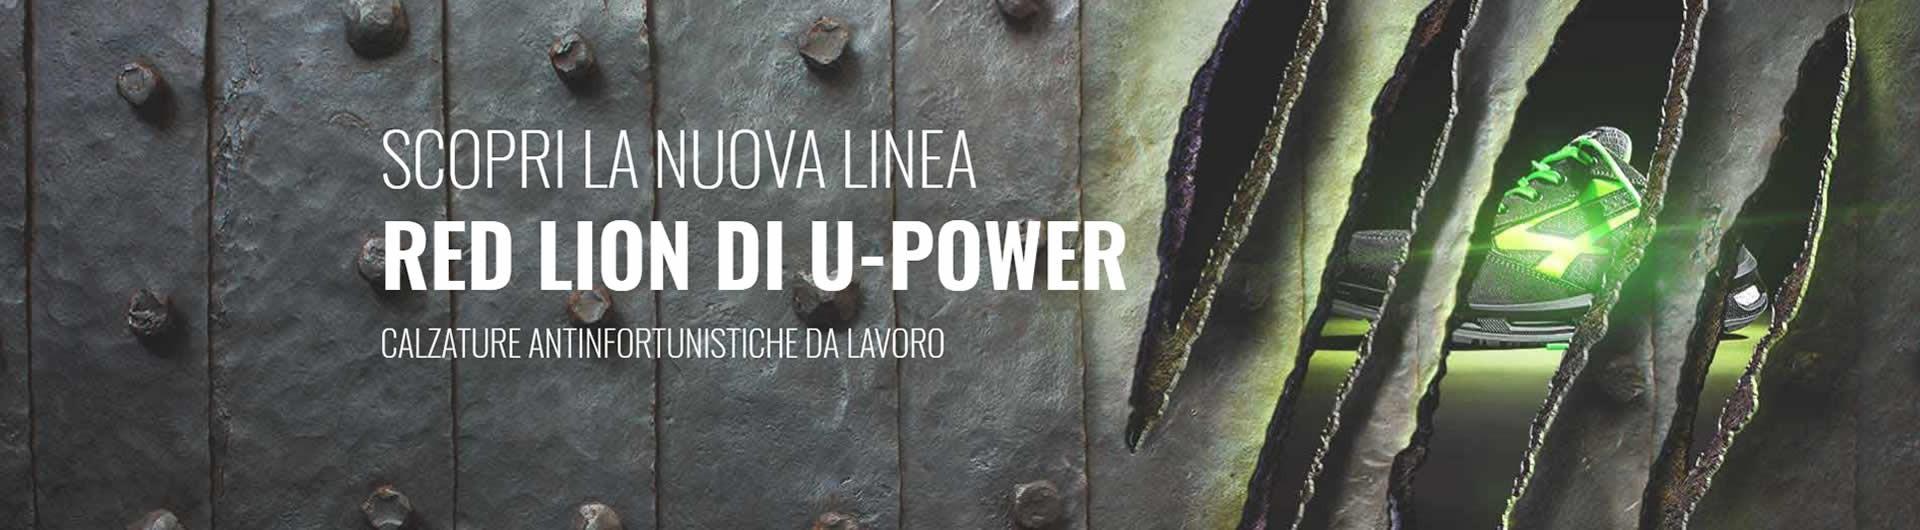 CALZATURE SCARPE ANTINFORTUNISTICHE U-POWER RED LION, offerte, miglior prezzo